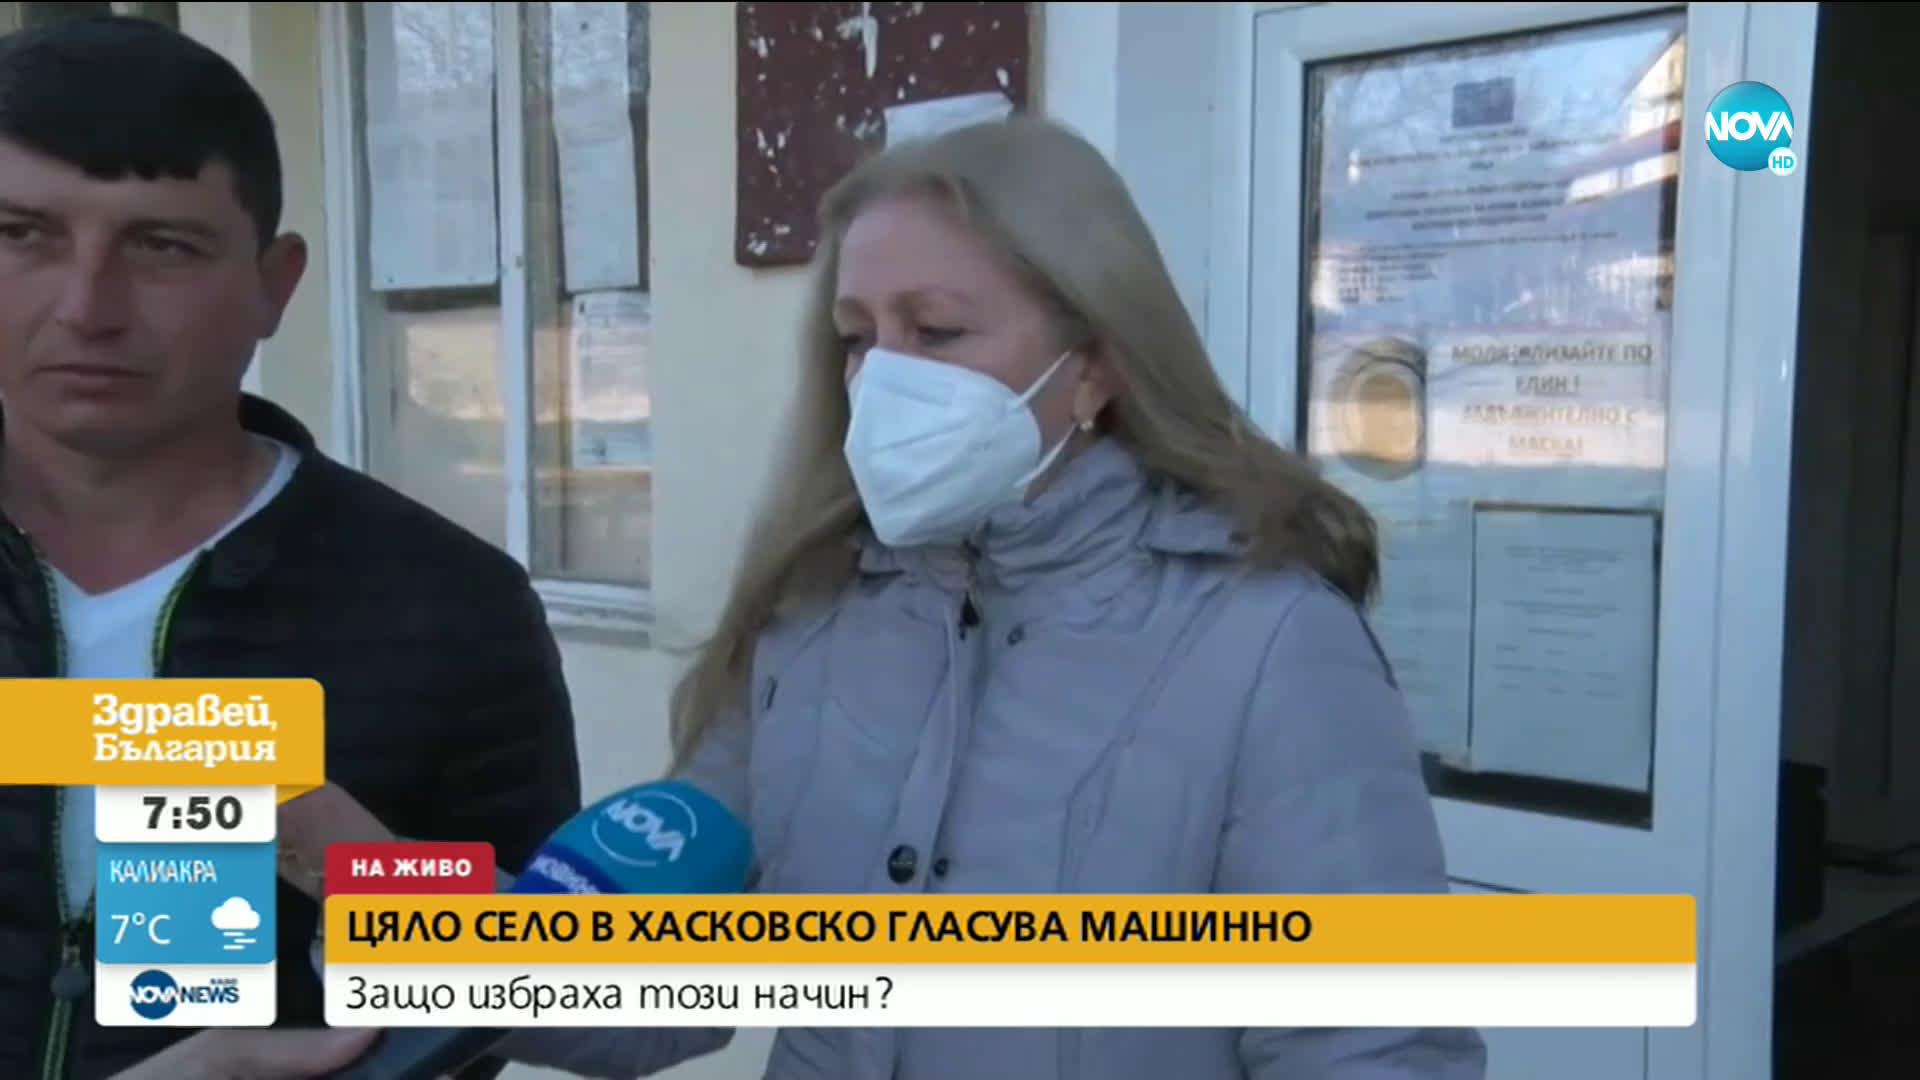 Цяло село в Хасковско гласува машинно на изборите